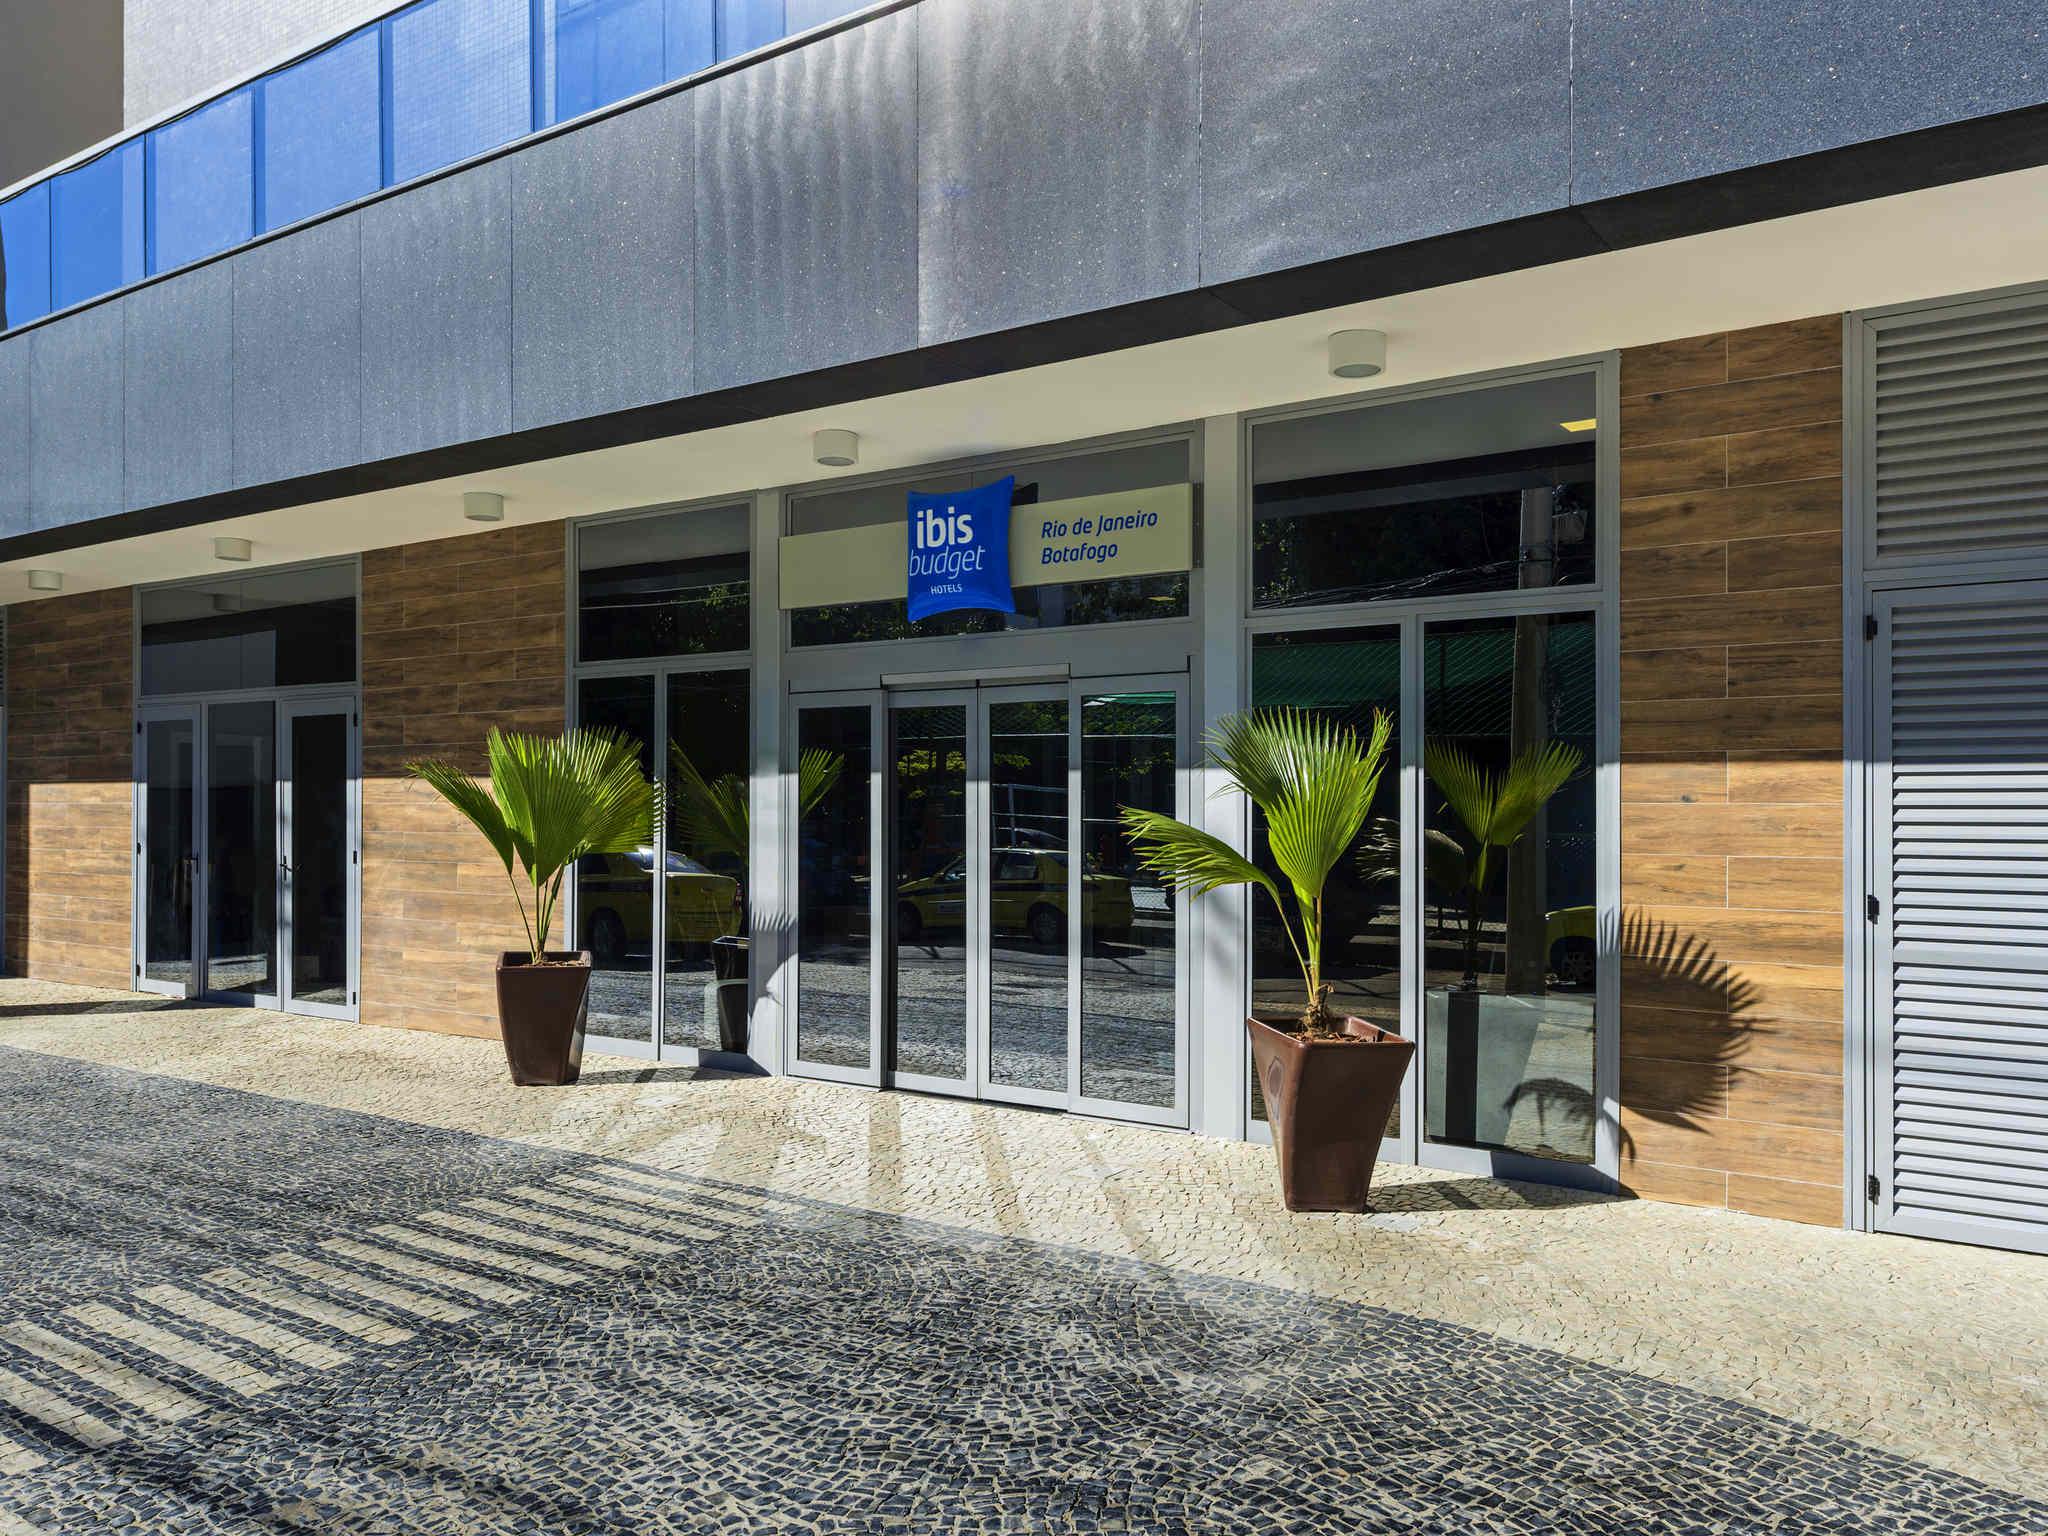 Hotel - ibis budget RJ Praia de Botafogo